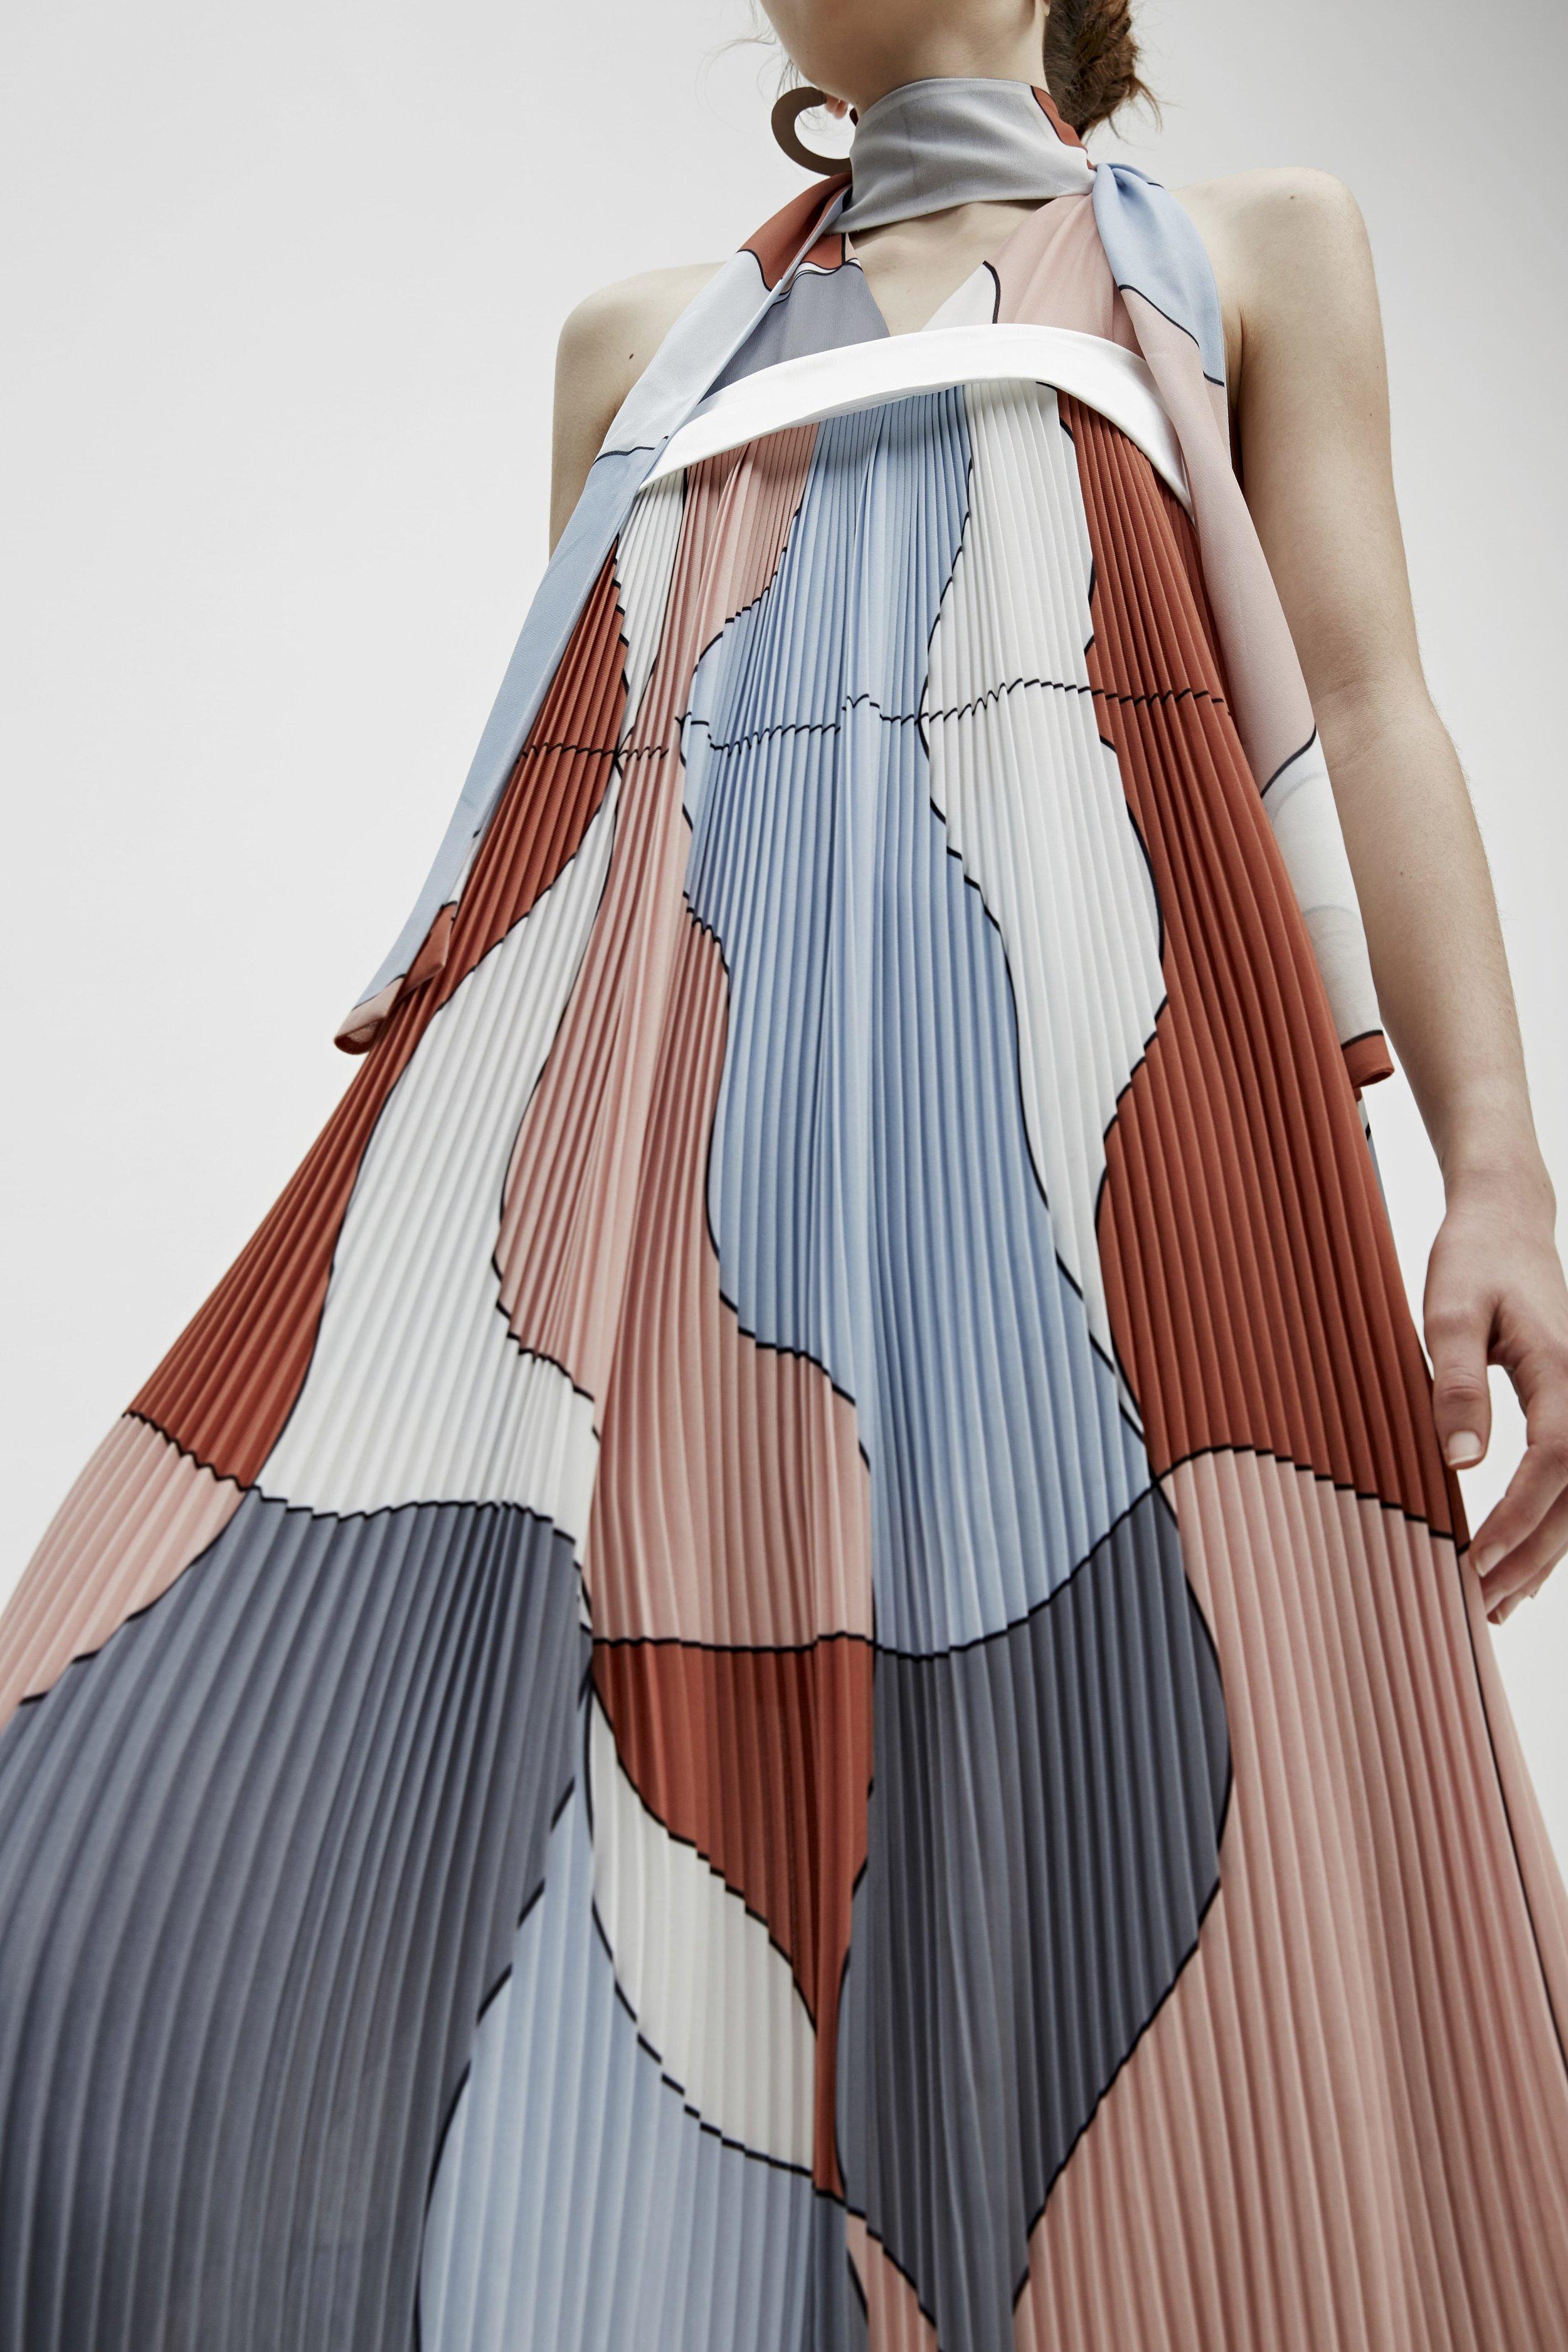 C/MEO Big Dreams Print Dress  + Make It Right L/S Dress (layered)